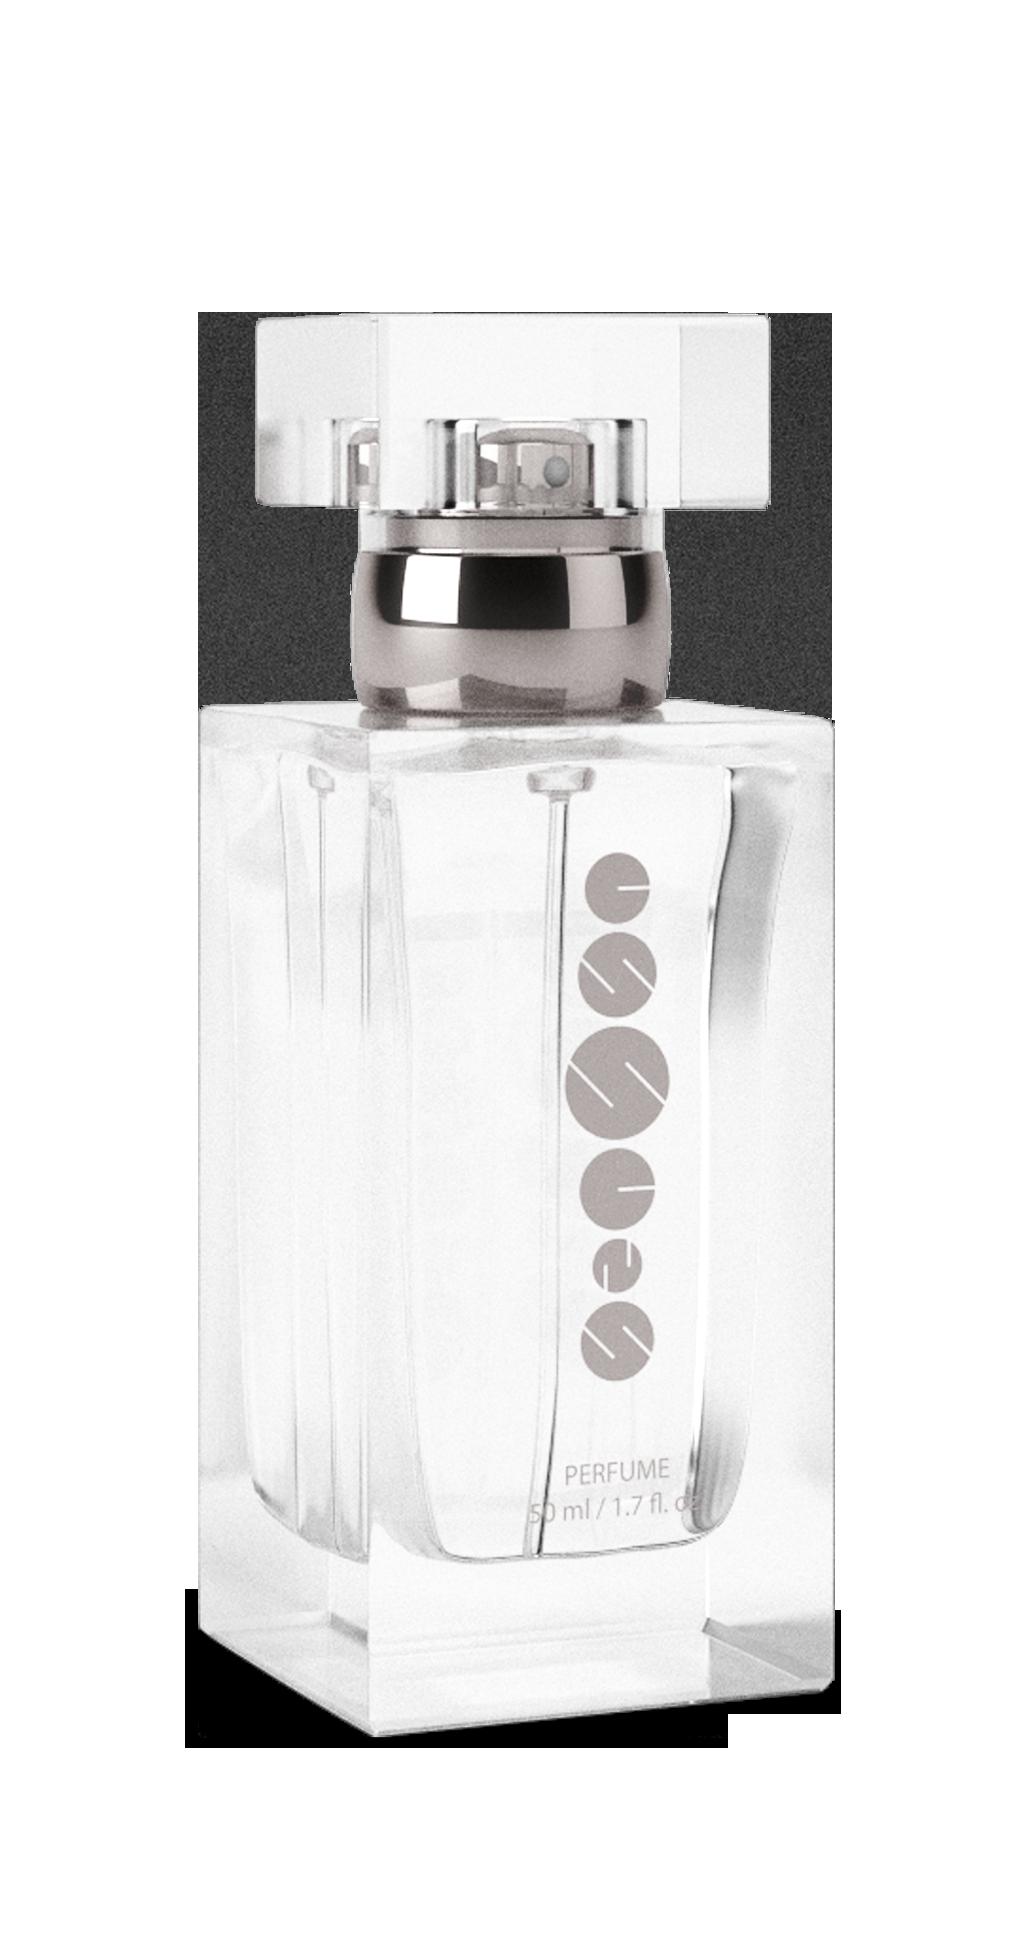 Parfum générique pour homme ( correspondance olfactive, Le Mâle de J.P Gaultier)